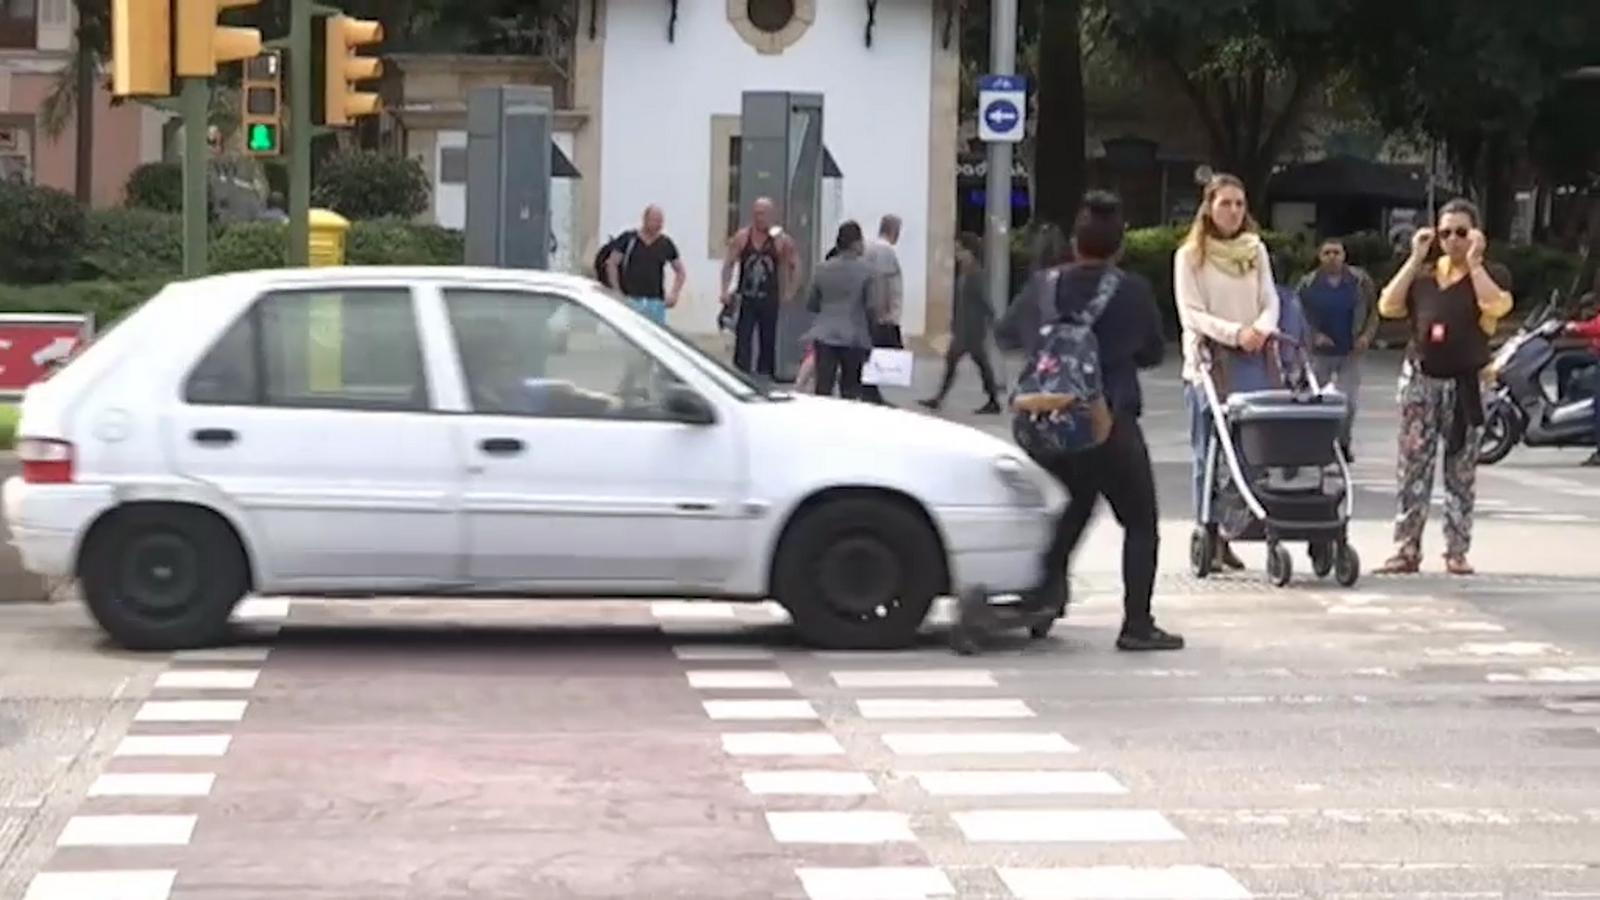 Vídeo de l'entrevista i el posterior accident de la dona a Palma